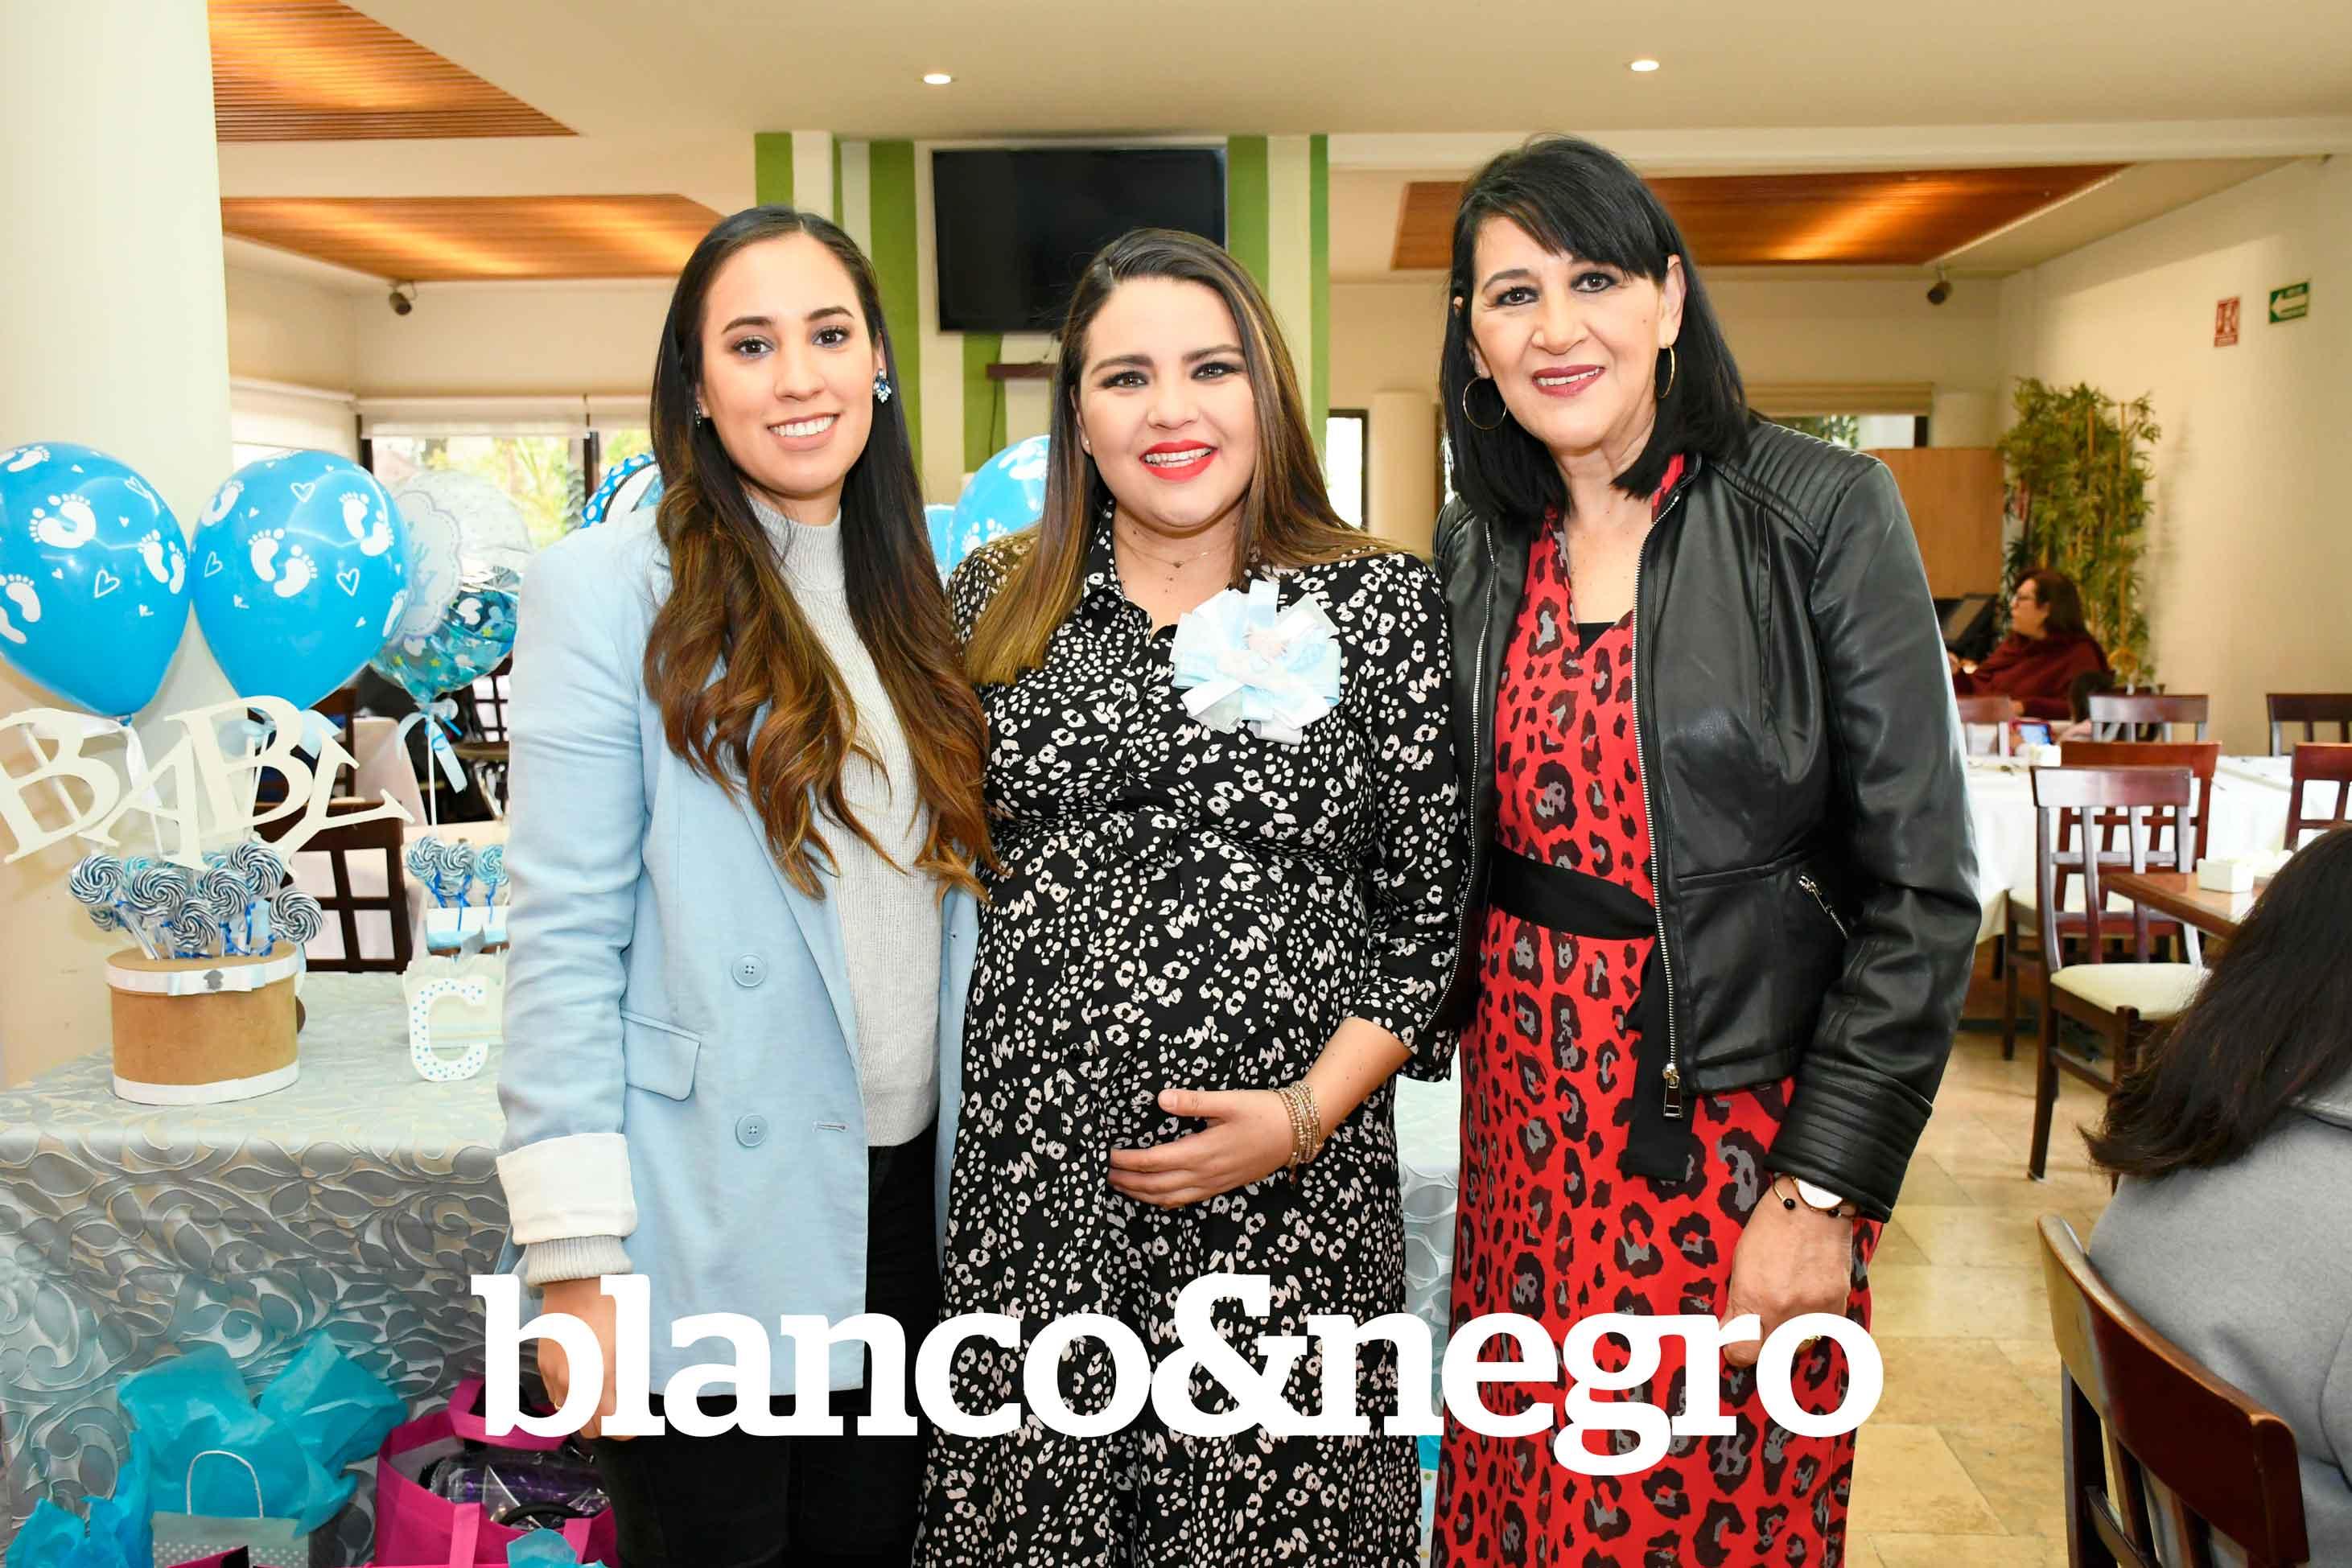 Baby-Graciela-Cepeda-004